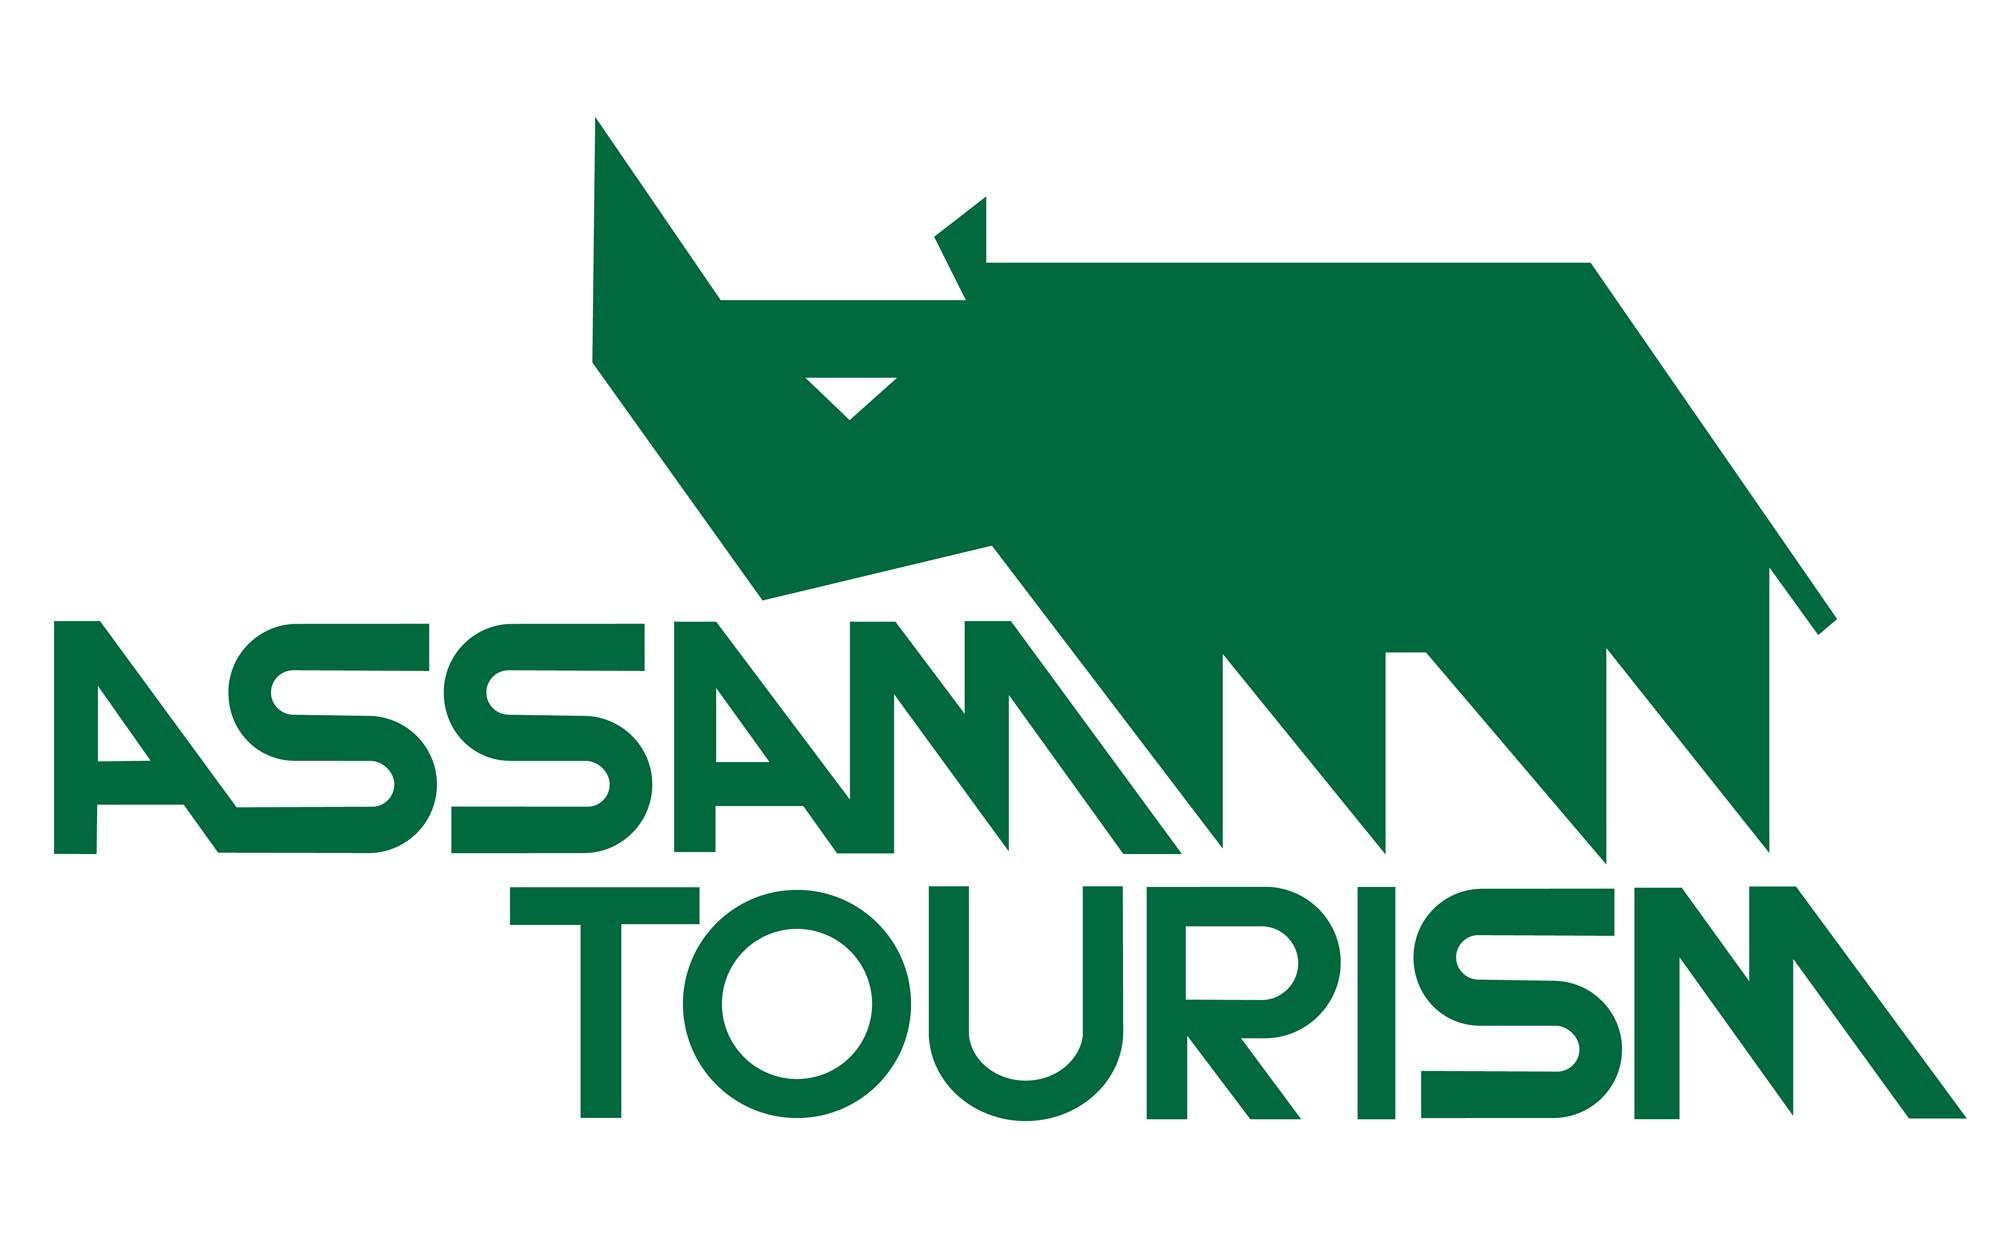 AssamTourism logo designed by Amulya Baruah